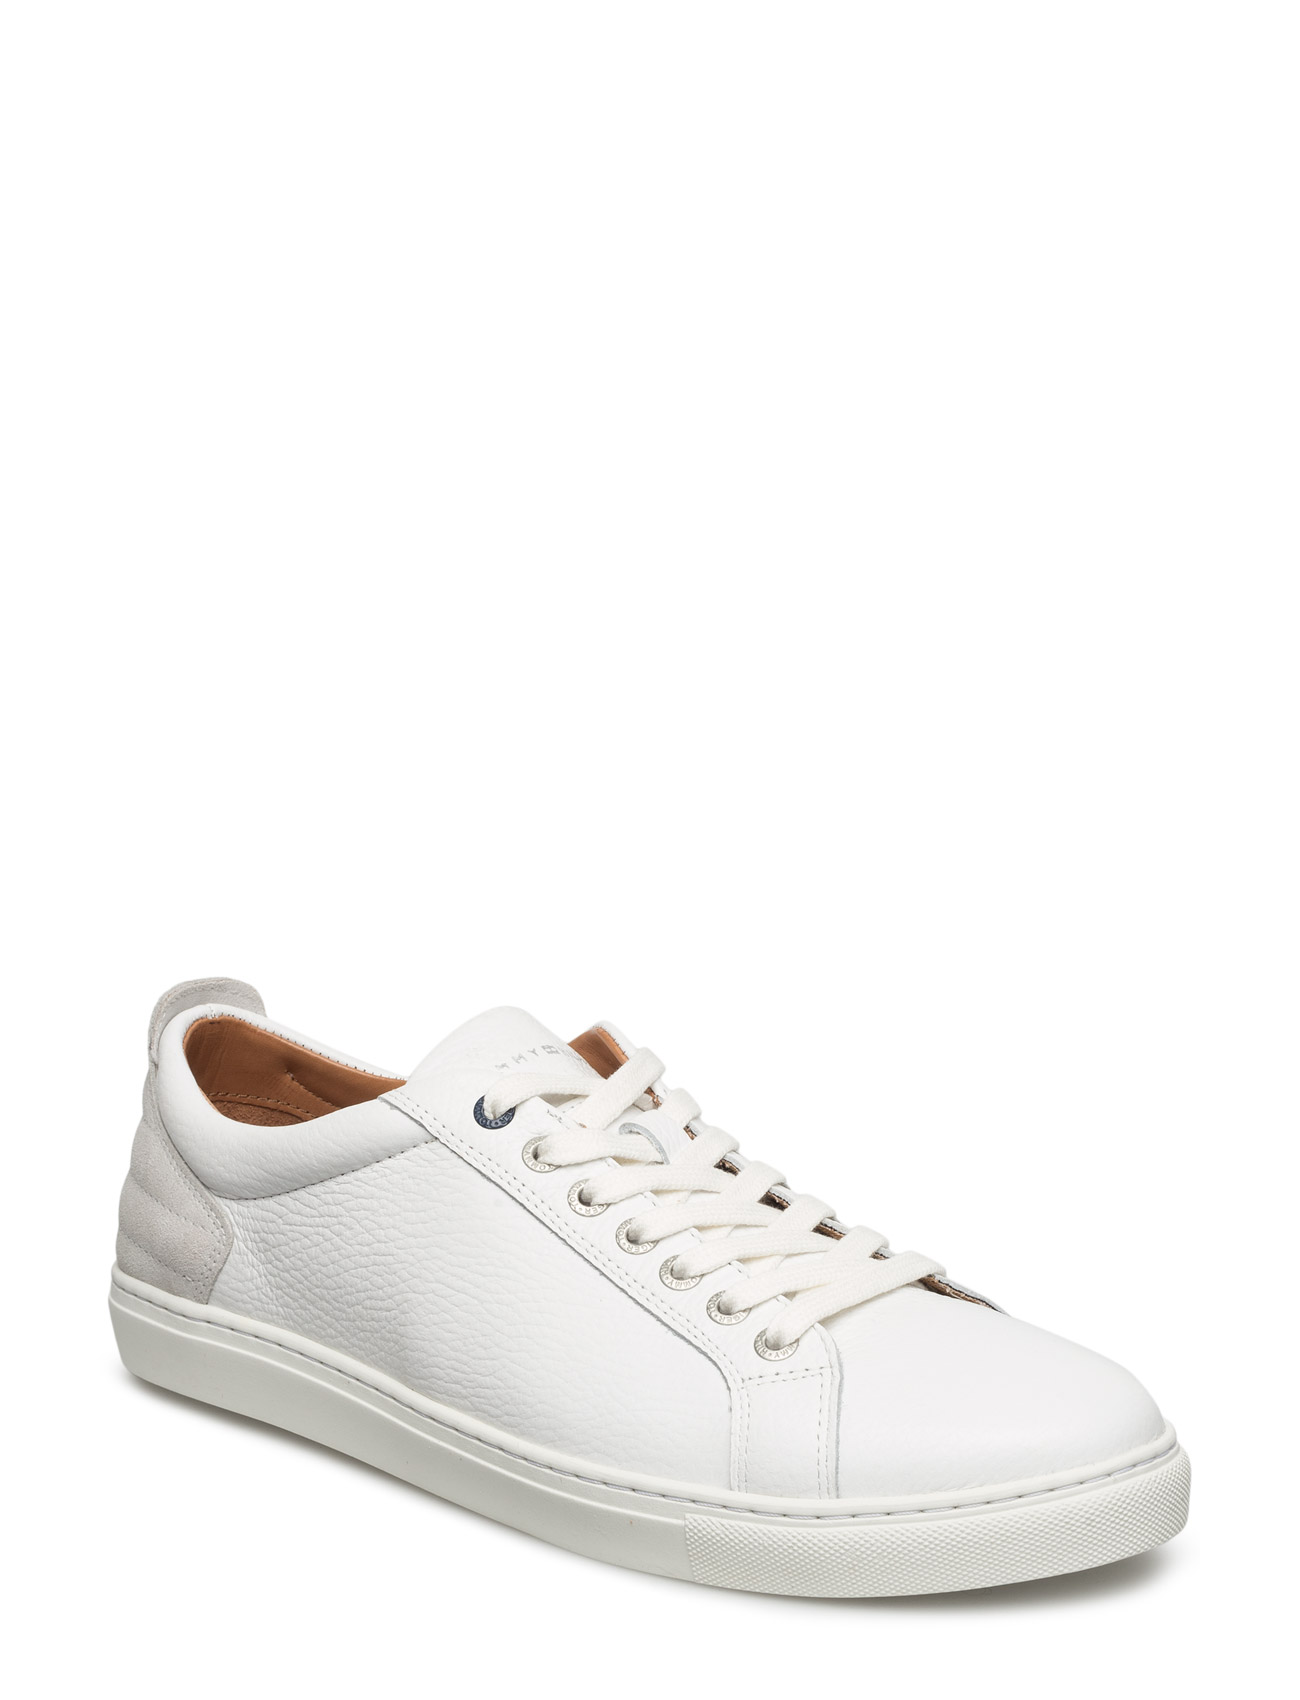 M2285ount 11a Tommy Hilfiger Sneakers til Herrer i hvid